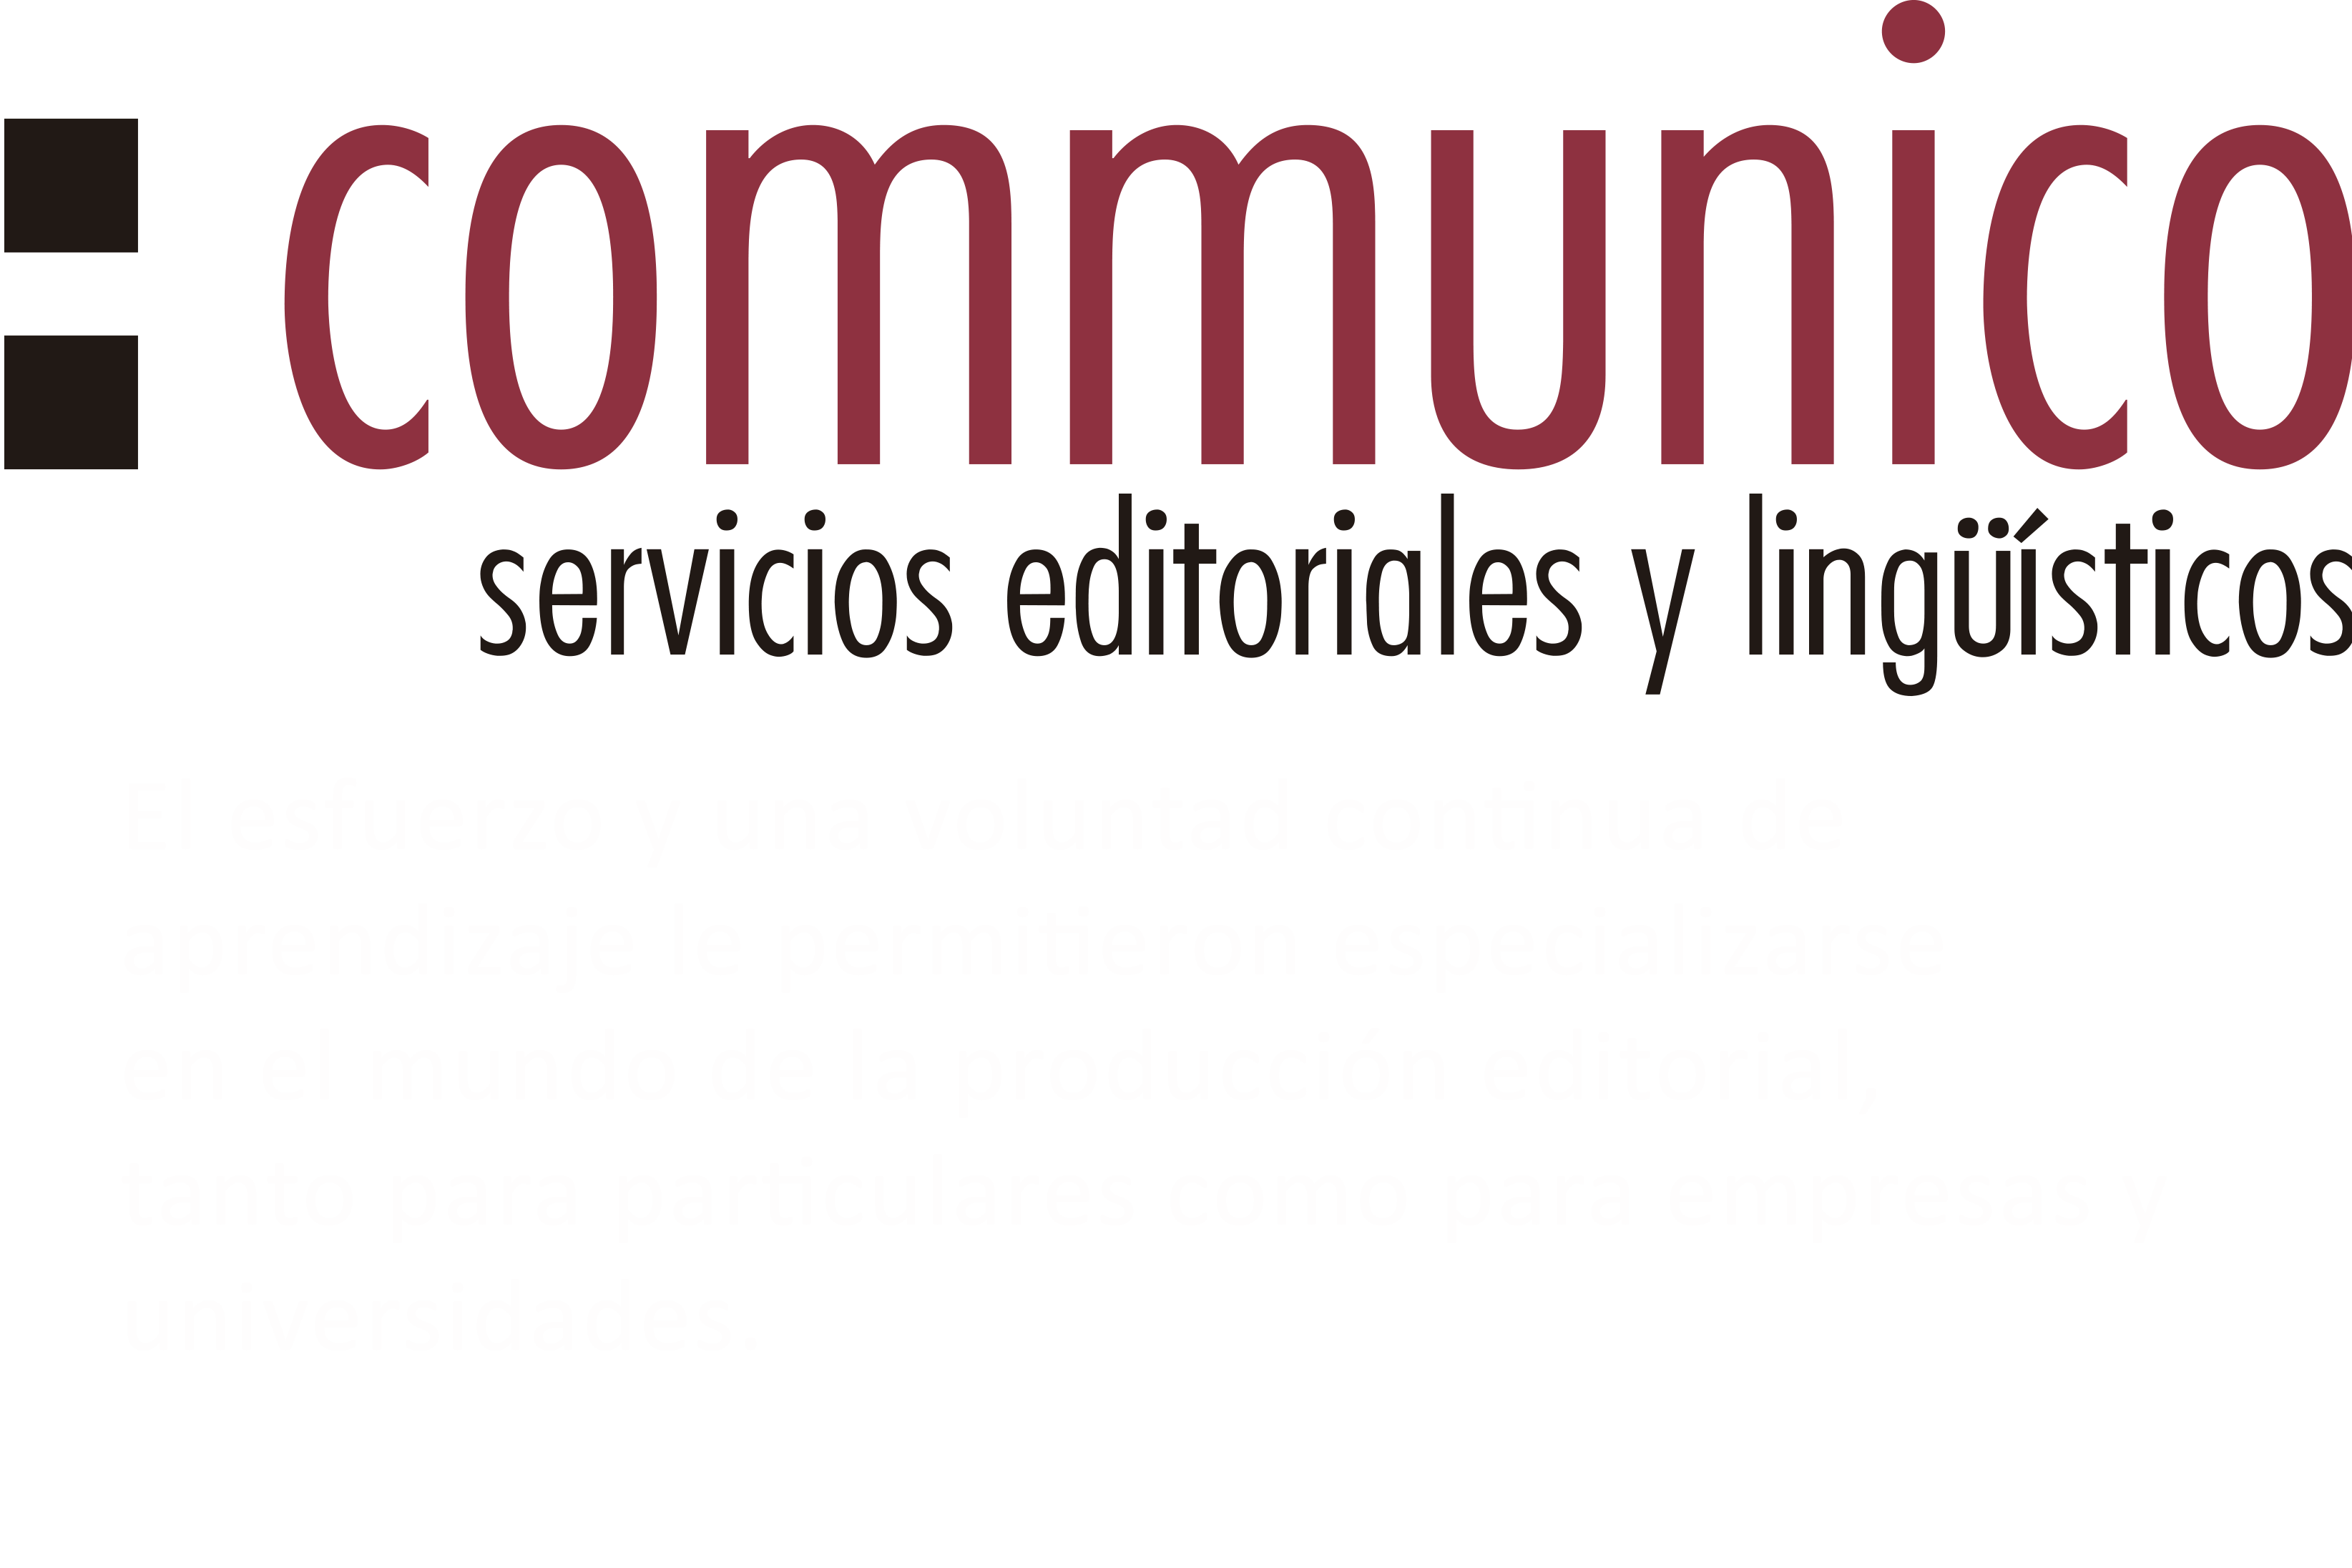 logoservicioseditoriales24